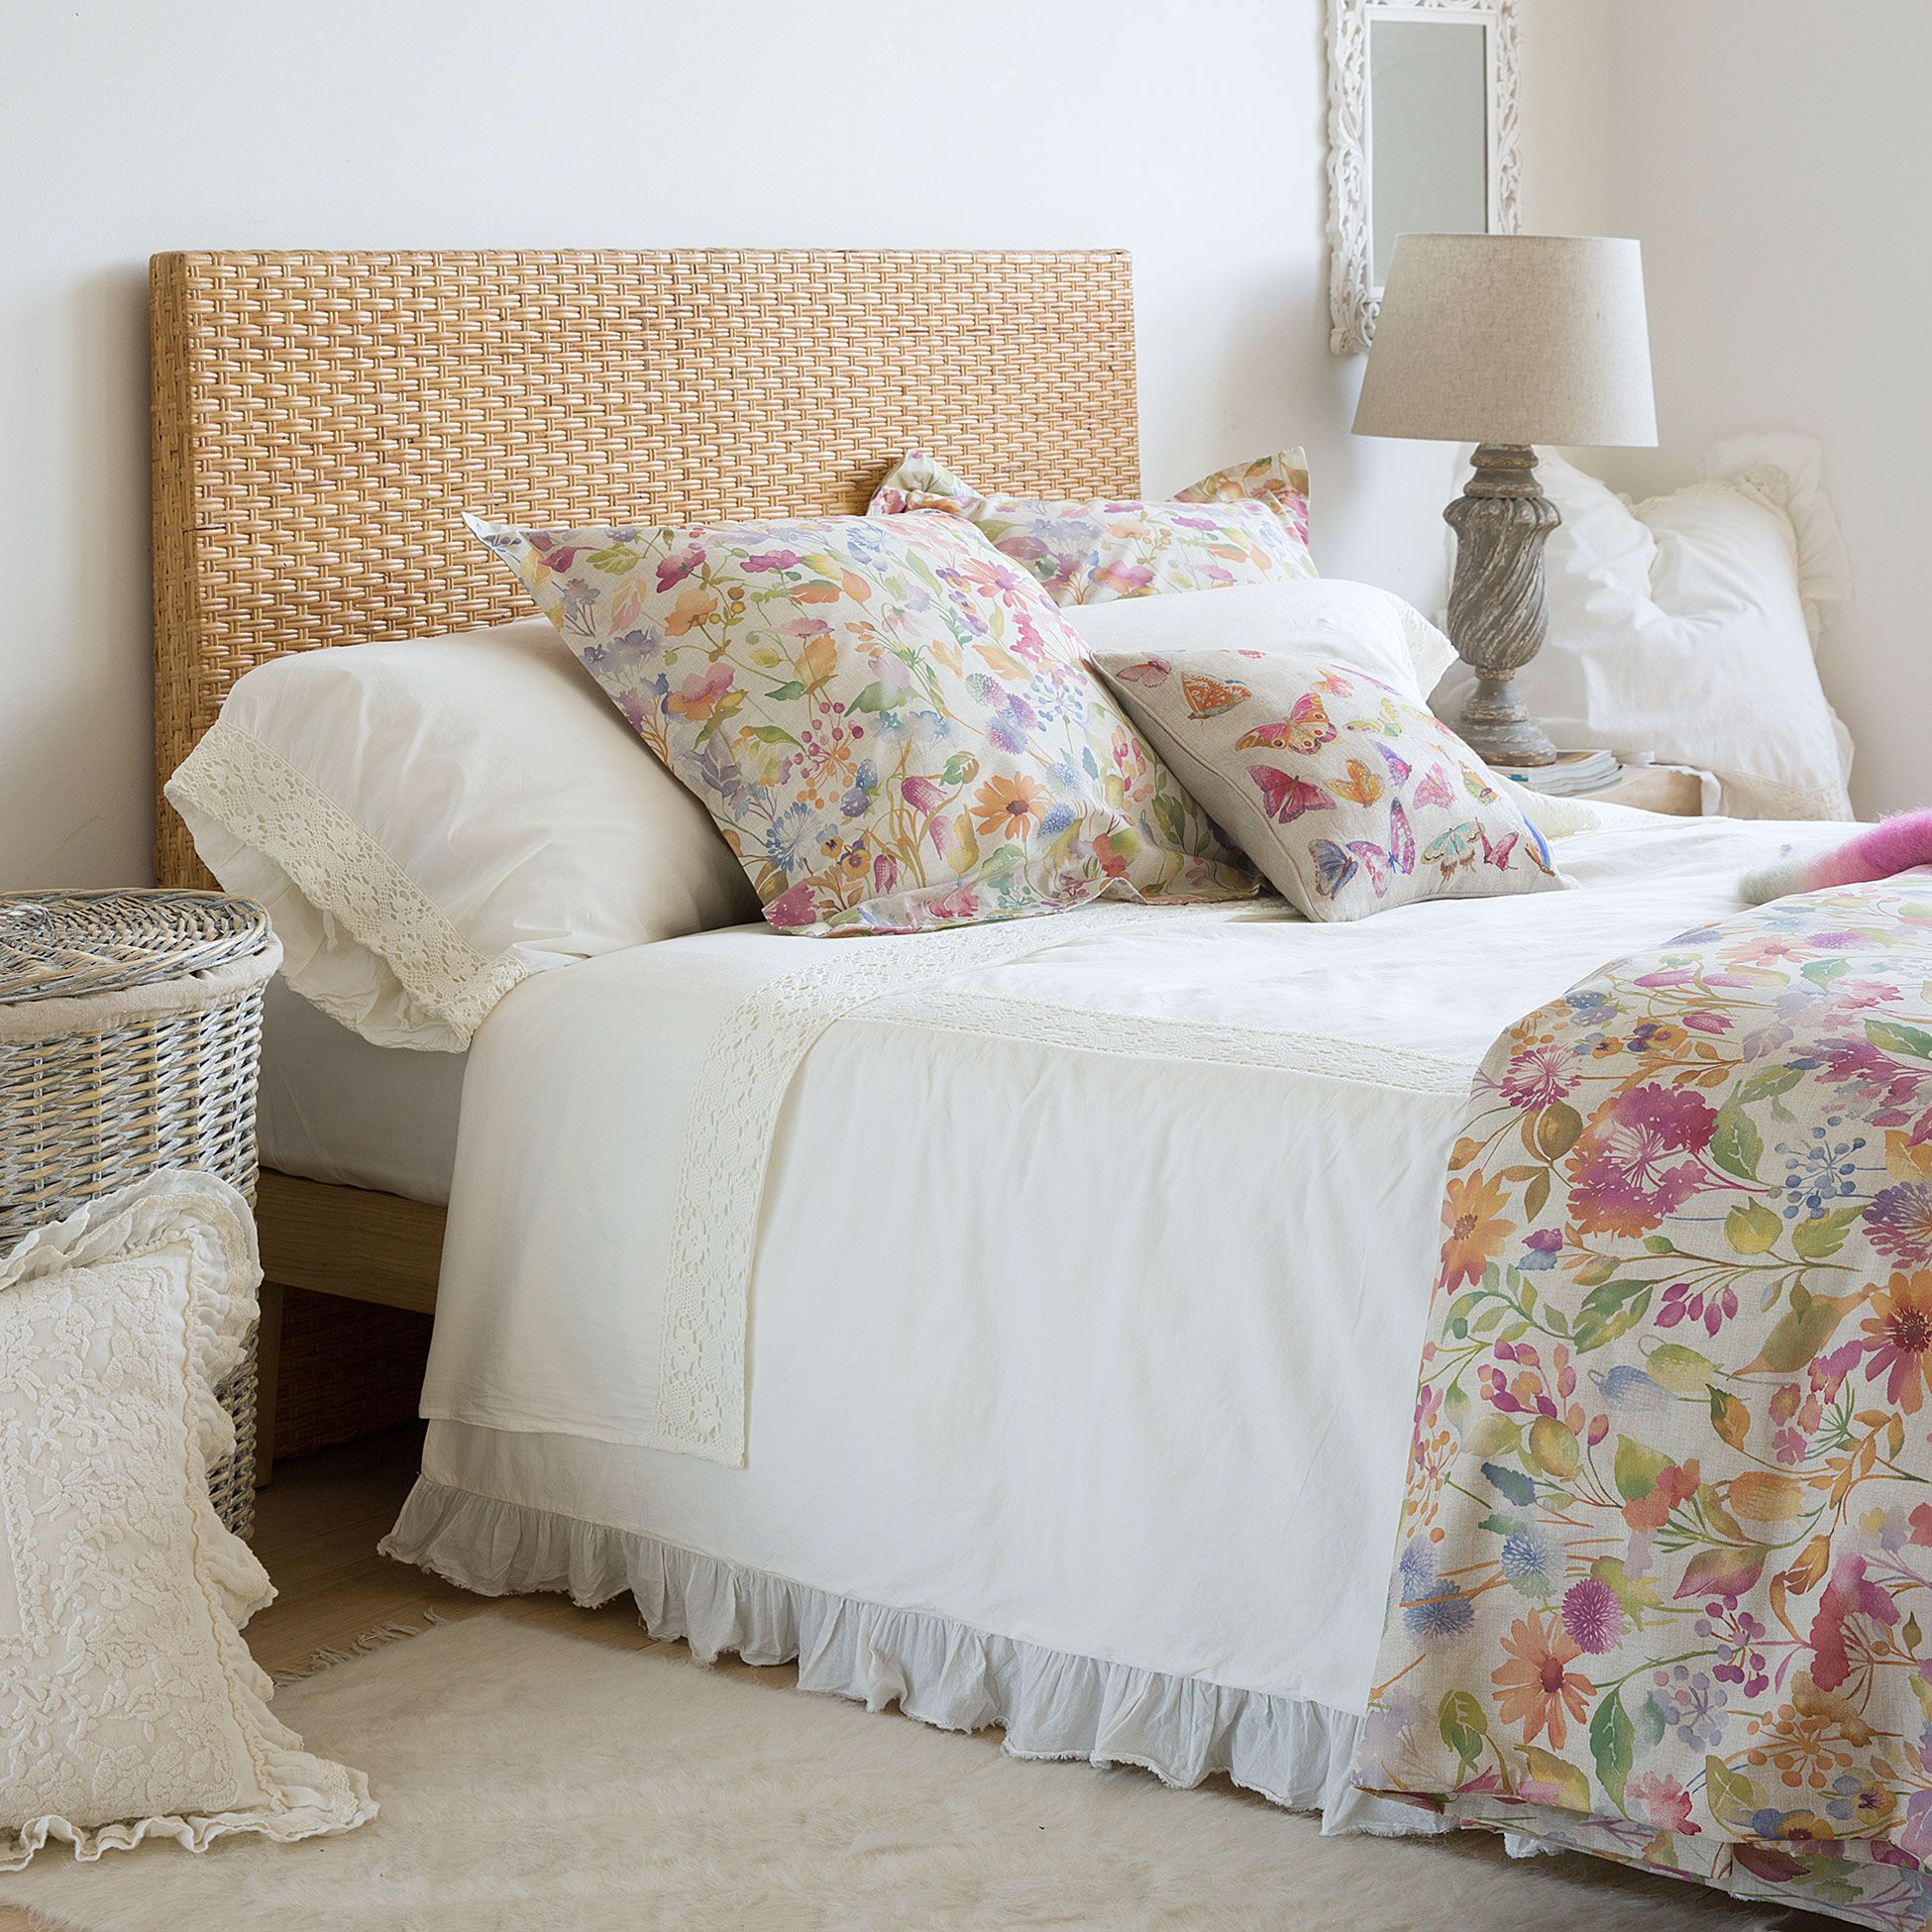 Linen Bedroom Linen Bedding Bedroom Bed Bed